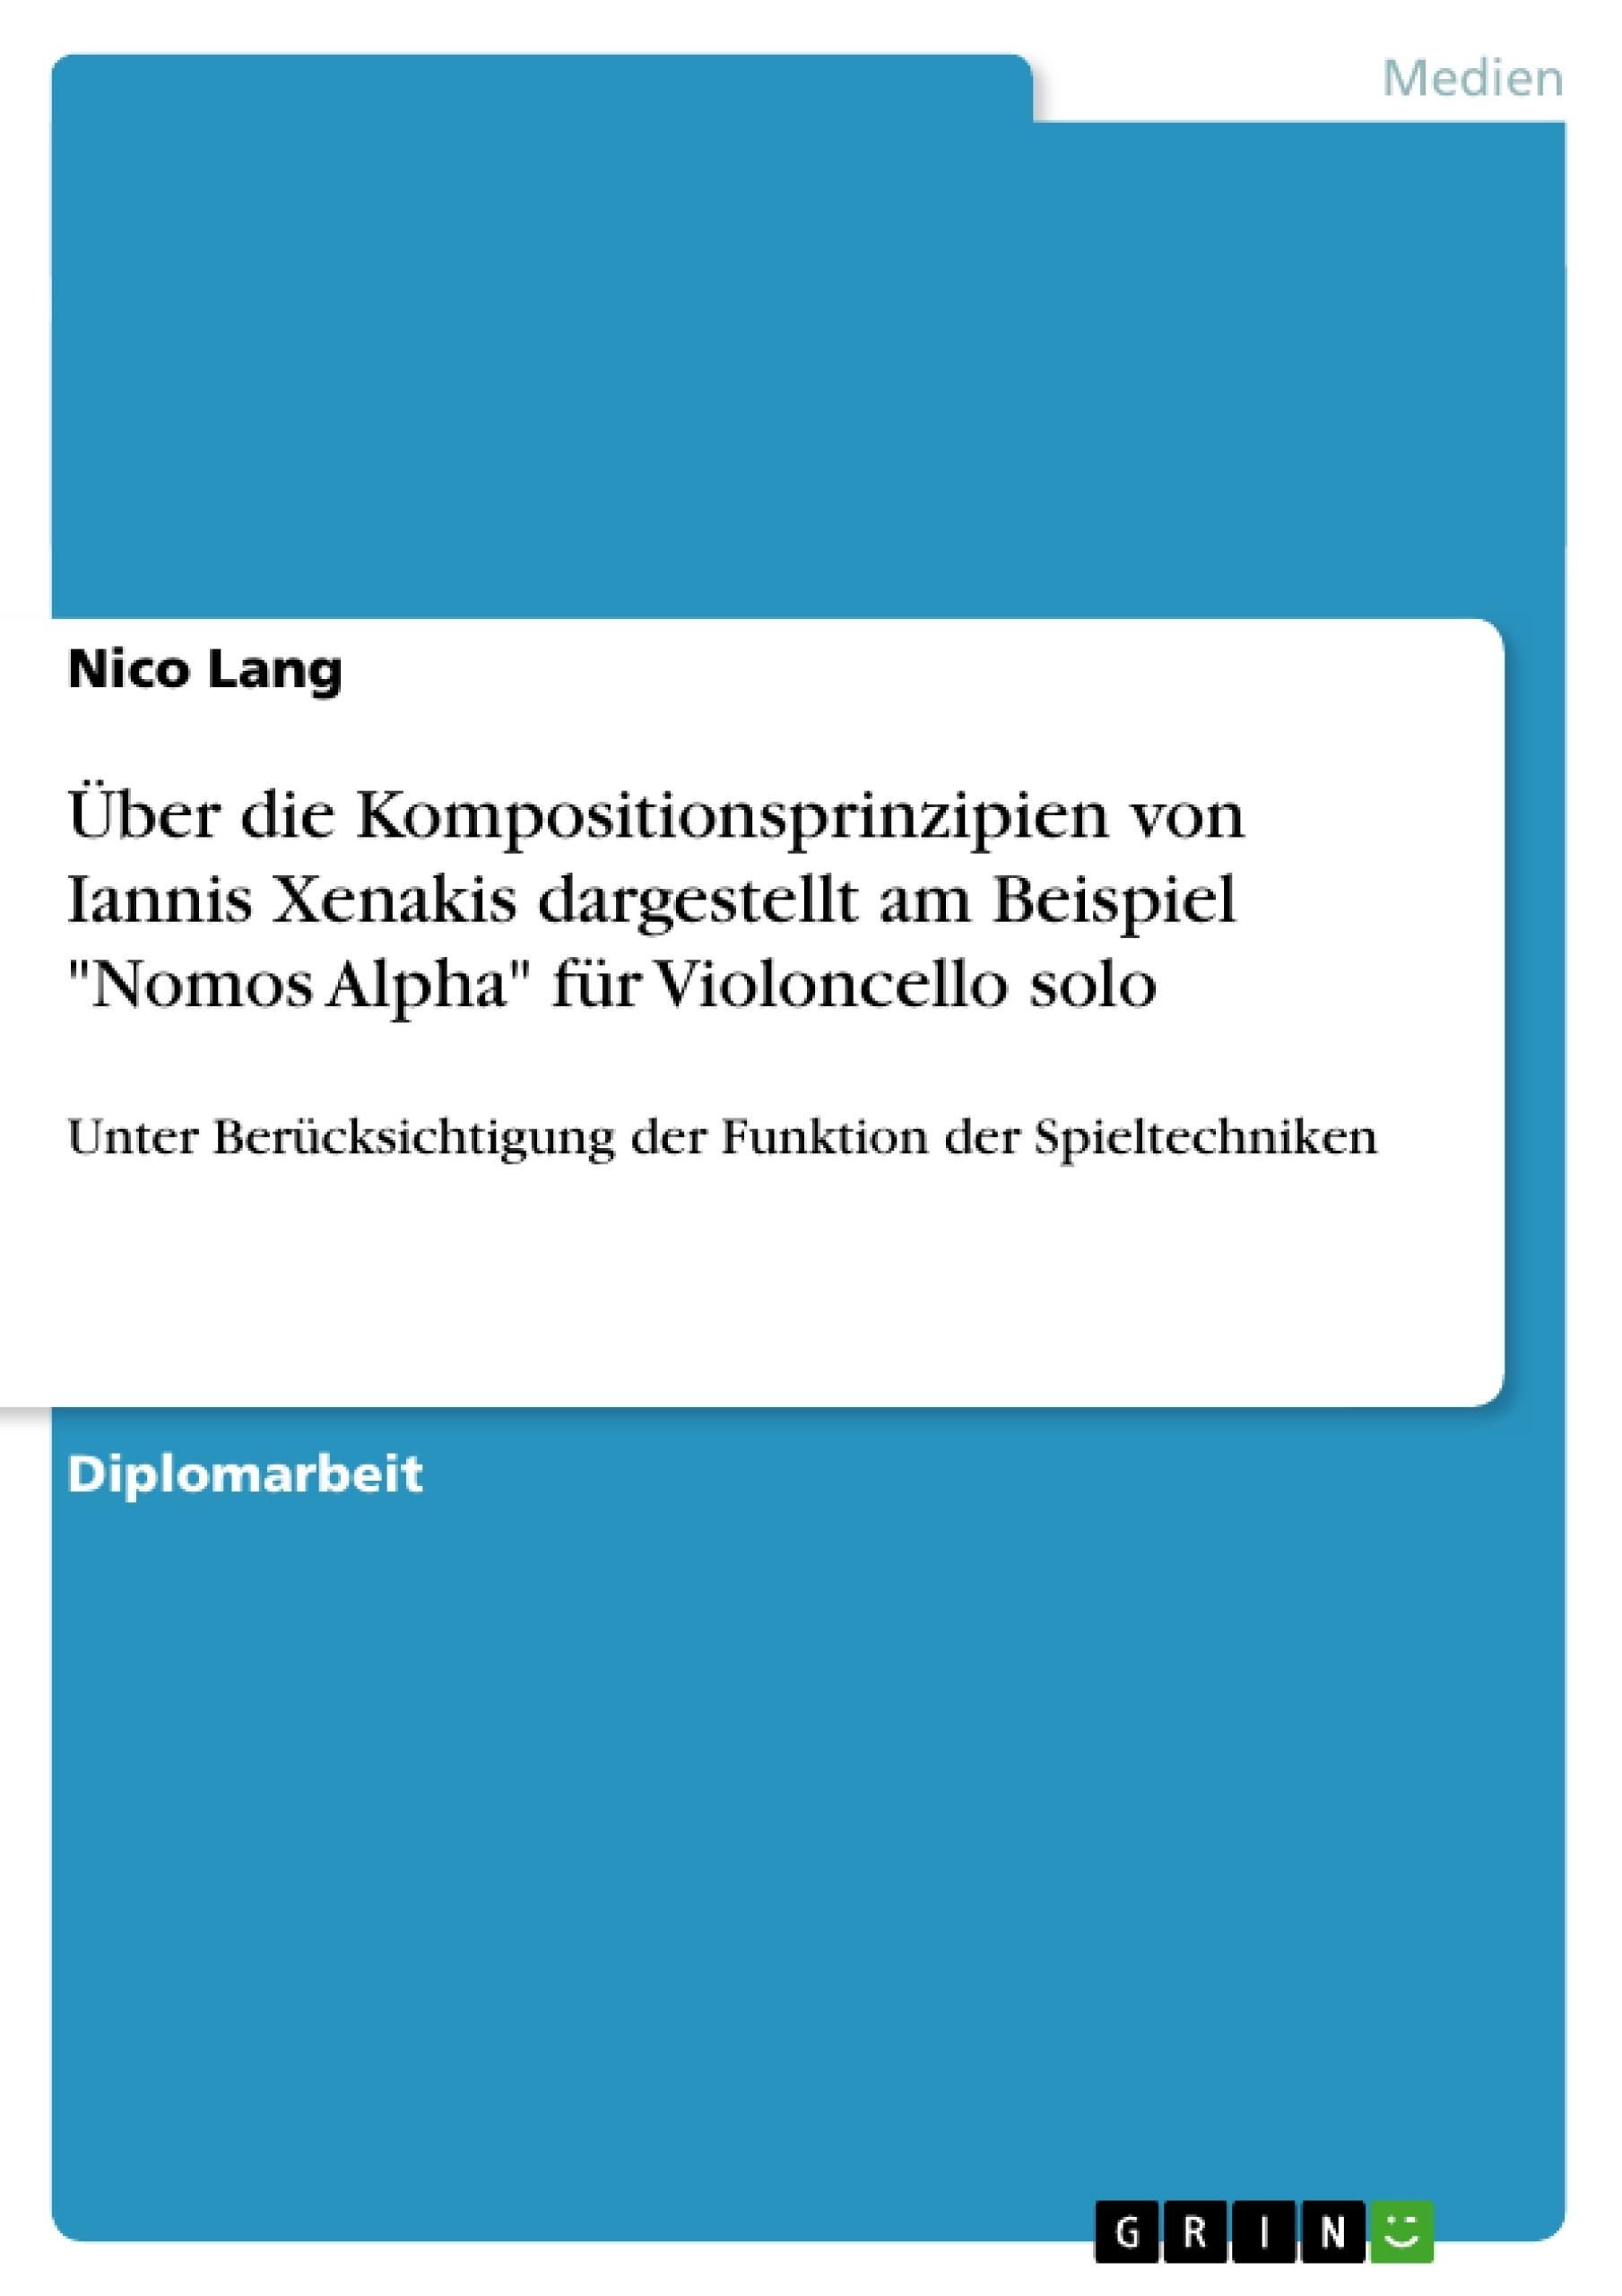 """Titel: Über die Kompositionsprinzipien von Iannis Xenakis dargestellt am Beispiel """"Nomos Alpha"""" für Violoncello solo"""